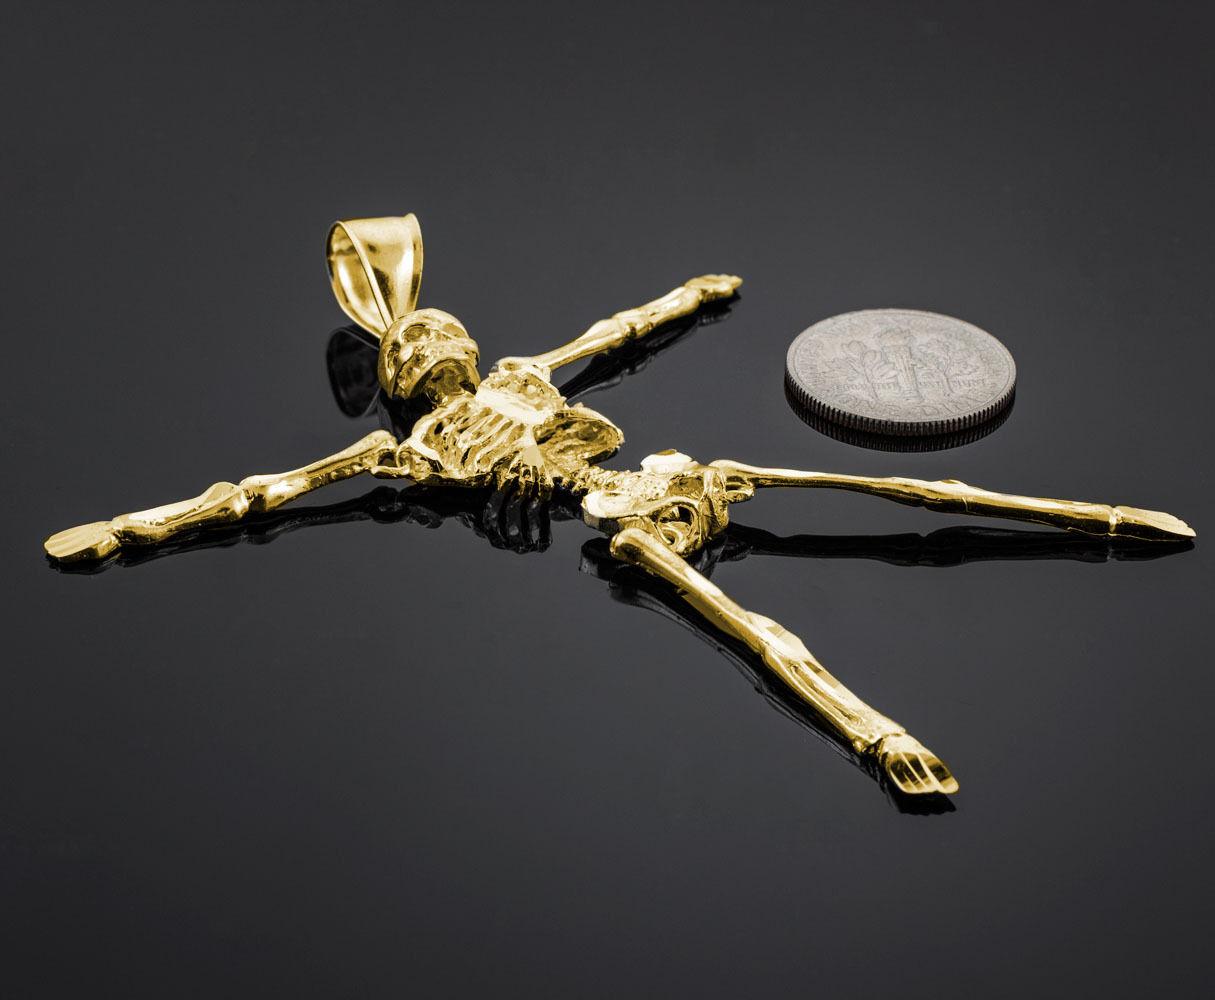 Solido oro Giallo Taglio Diamante Pendente Pendente Pendente Gotico Morte Scheletro Ciondolo ef283e